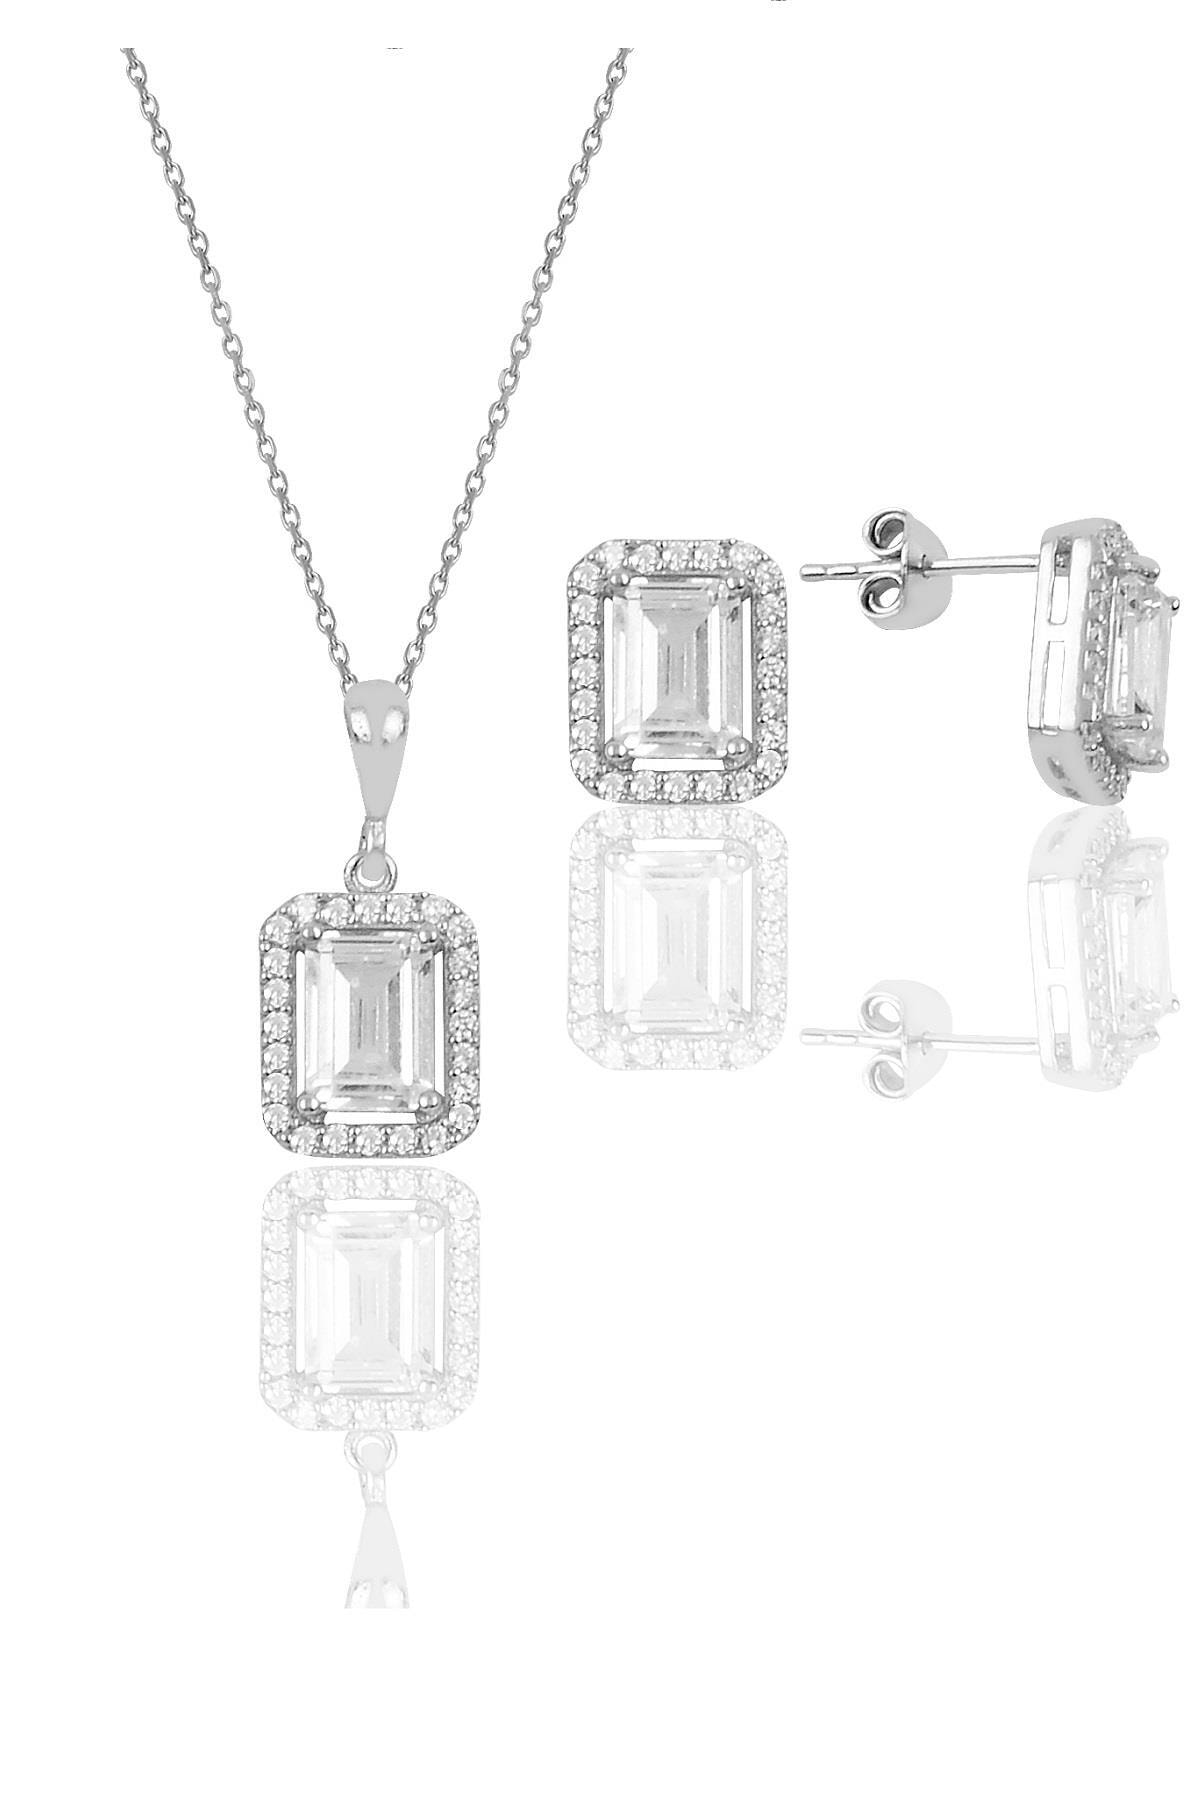 Söğütlü Silver Gümüş Baget Taşlı İkili Set Sgtl10059Rodaj